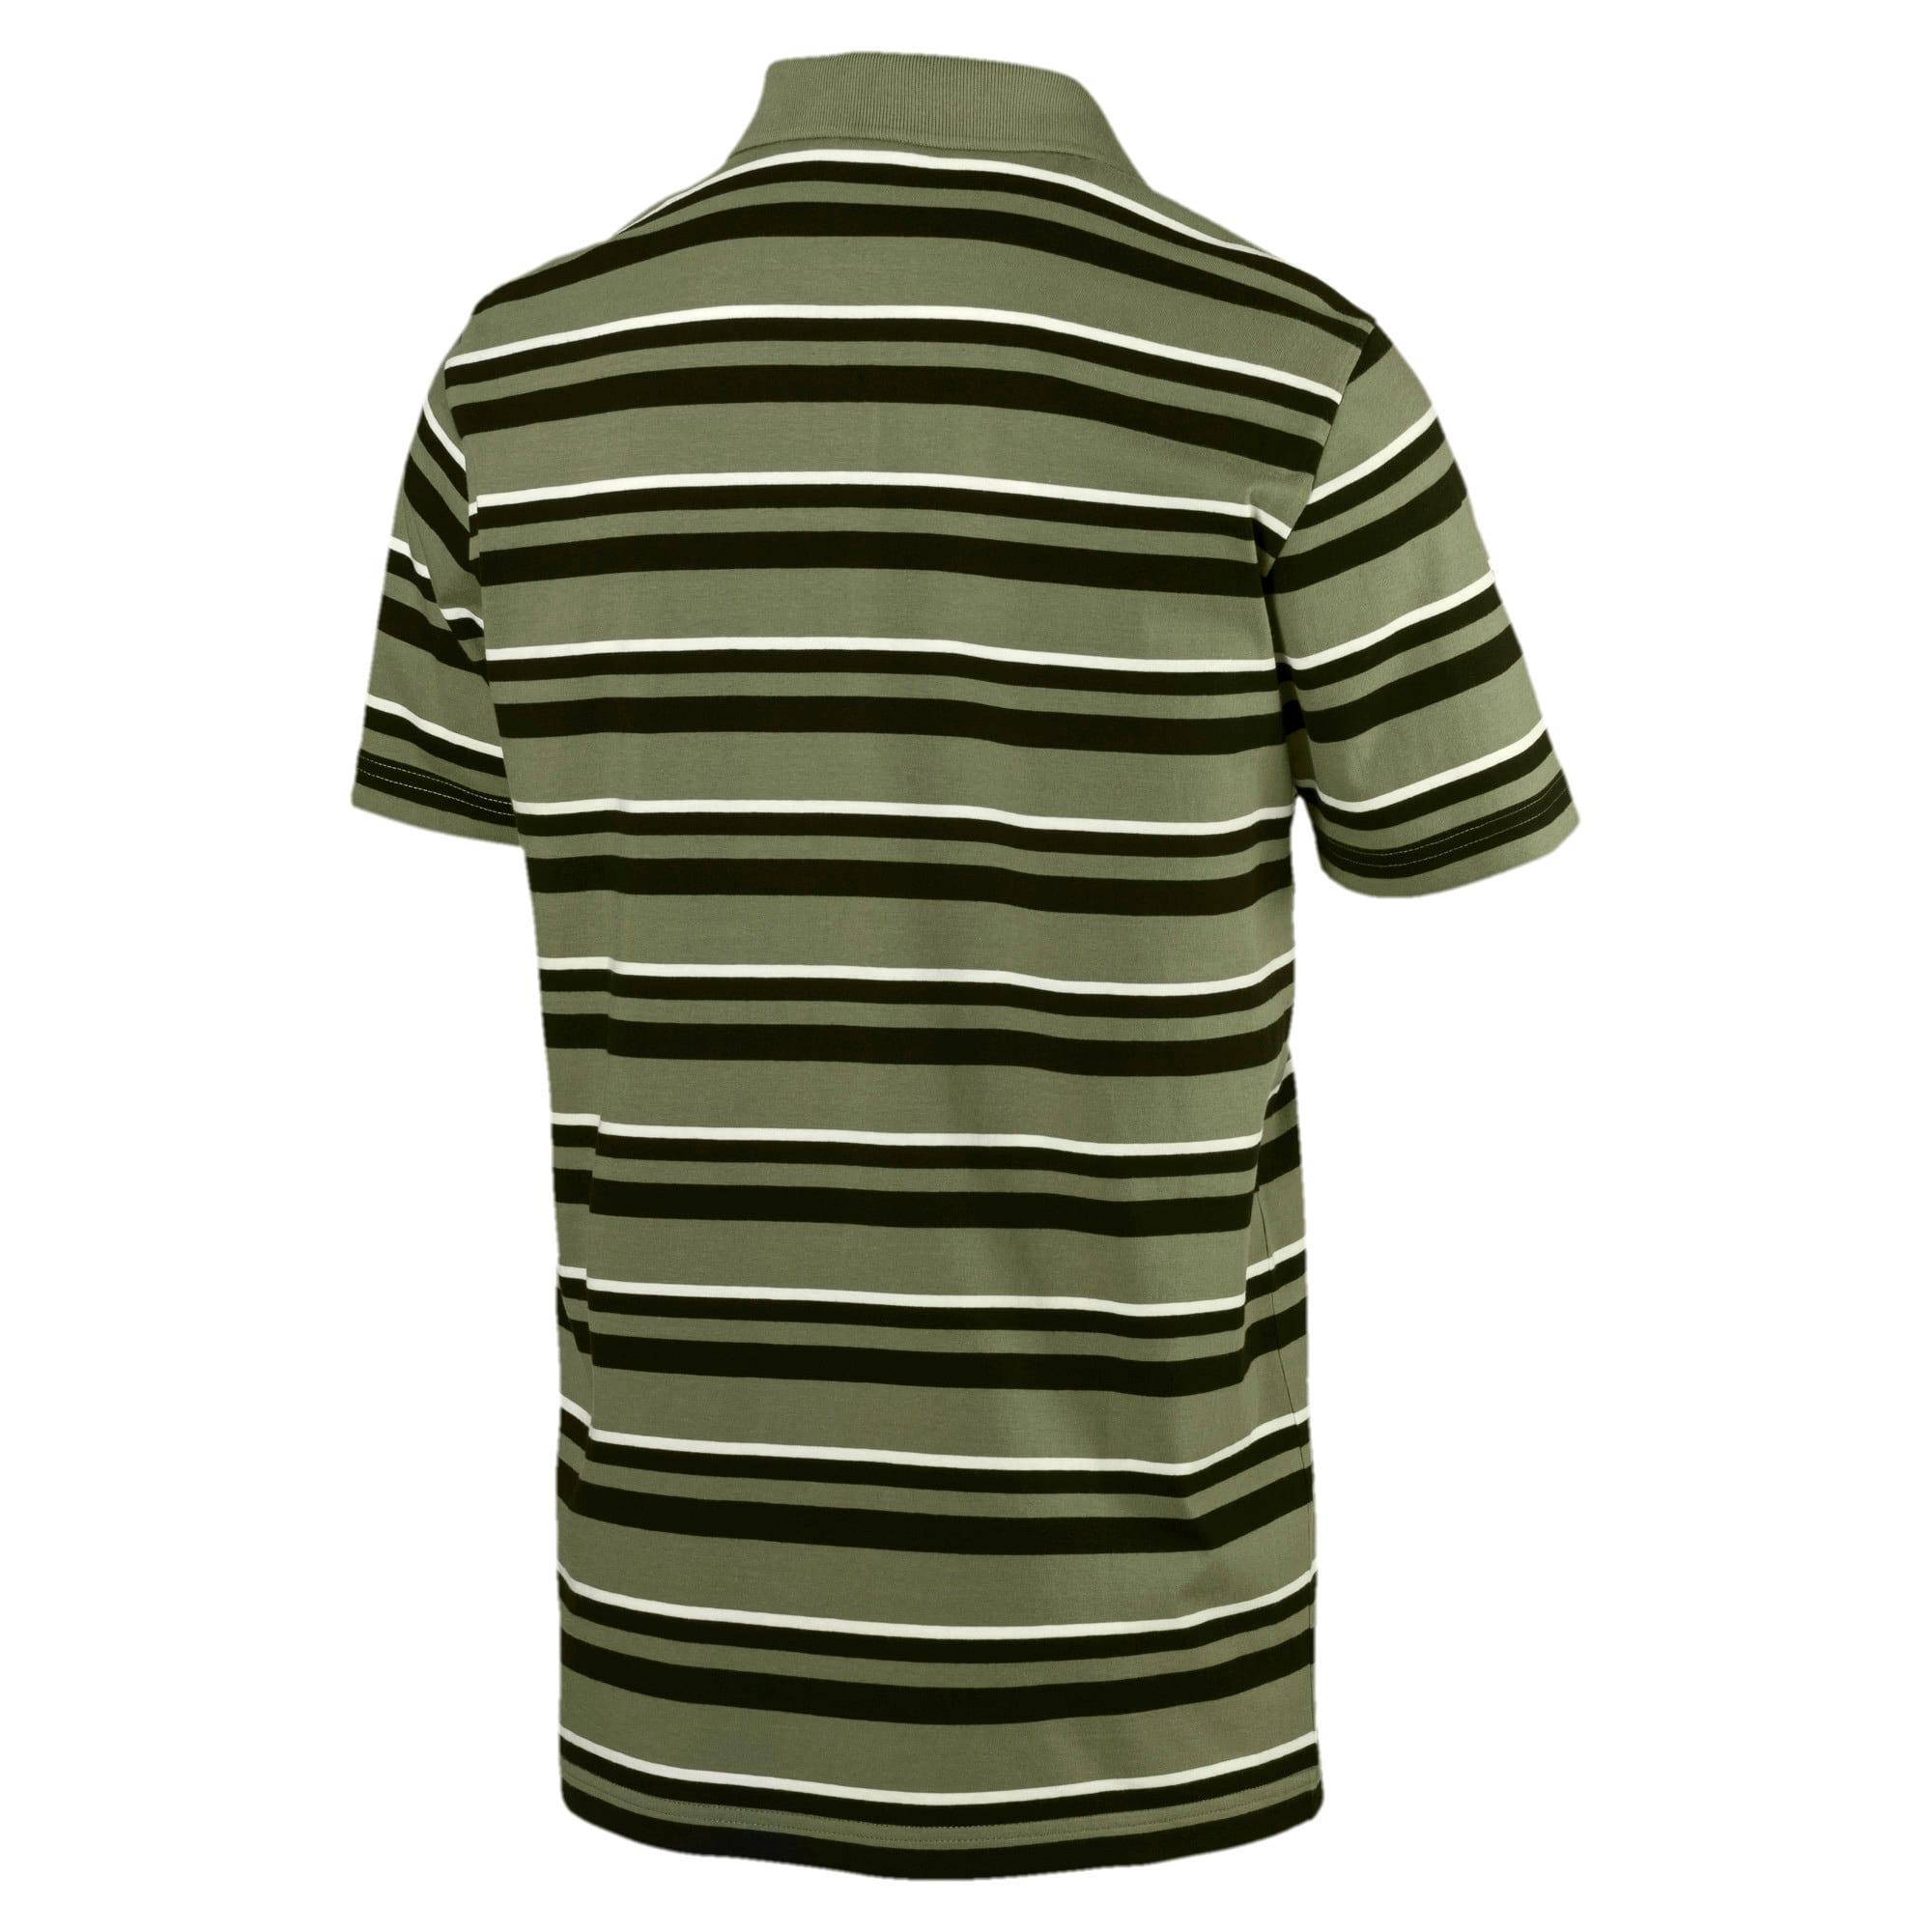 Miniatura 3 de Camiseta tipo polo ESS+ Striped J para hombre, Olivine, mediano